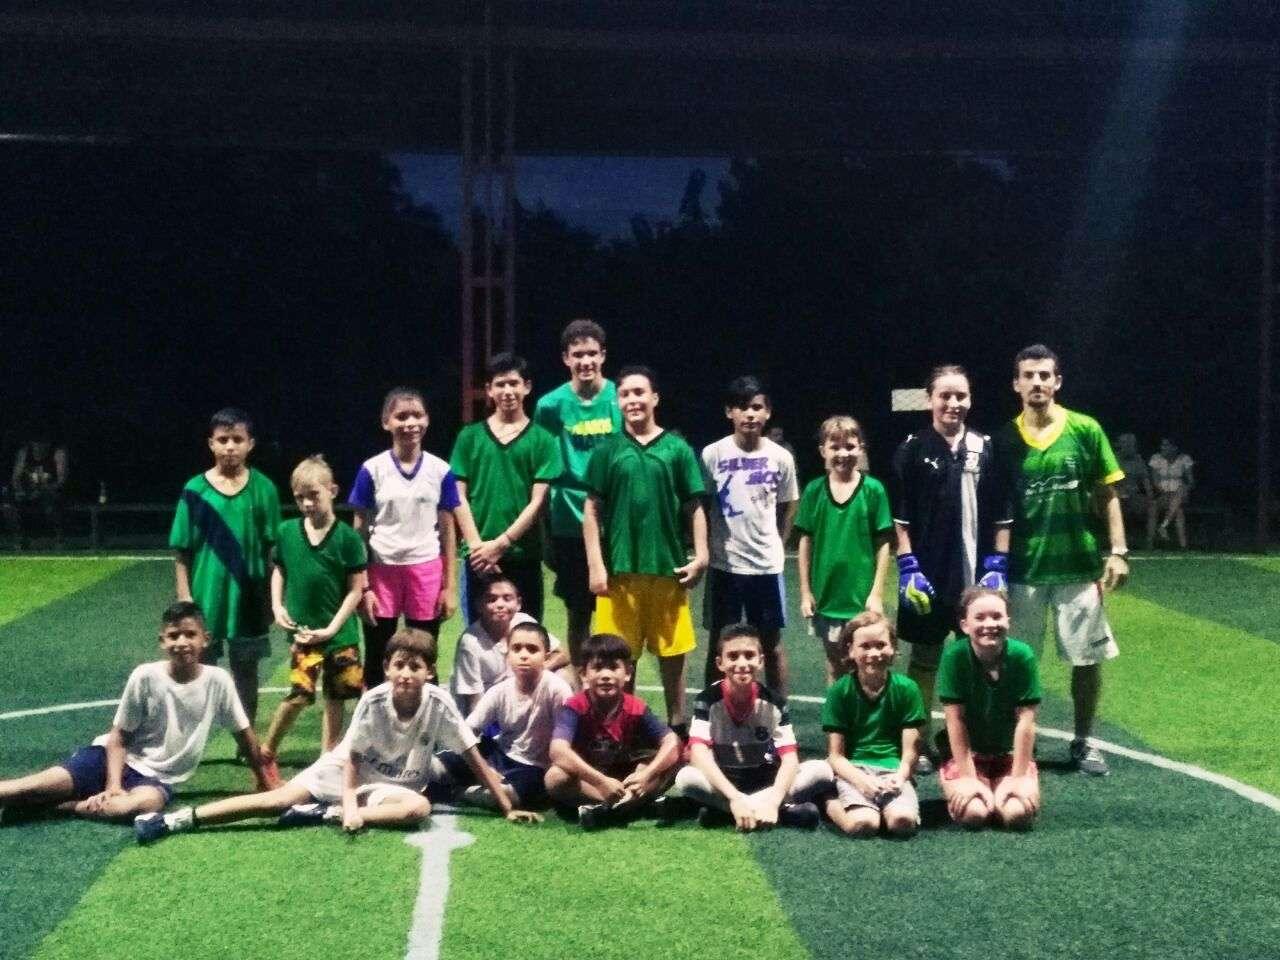 Roger Bonet de Barcelona, Futsal en Costa Ballena promete 2